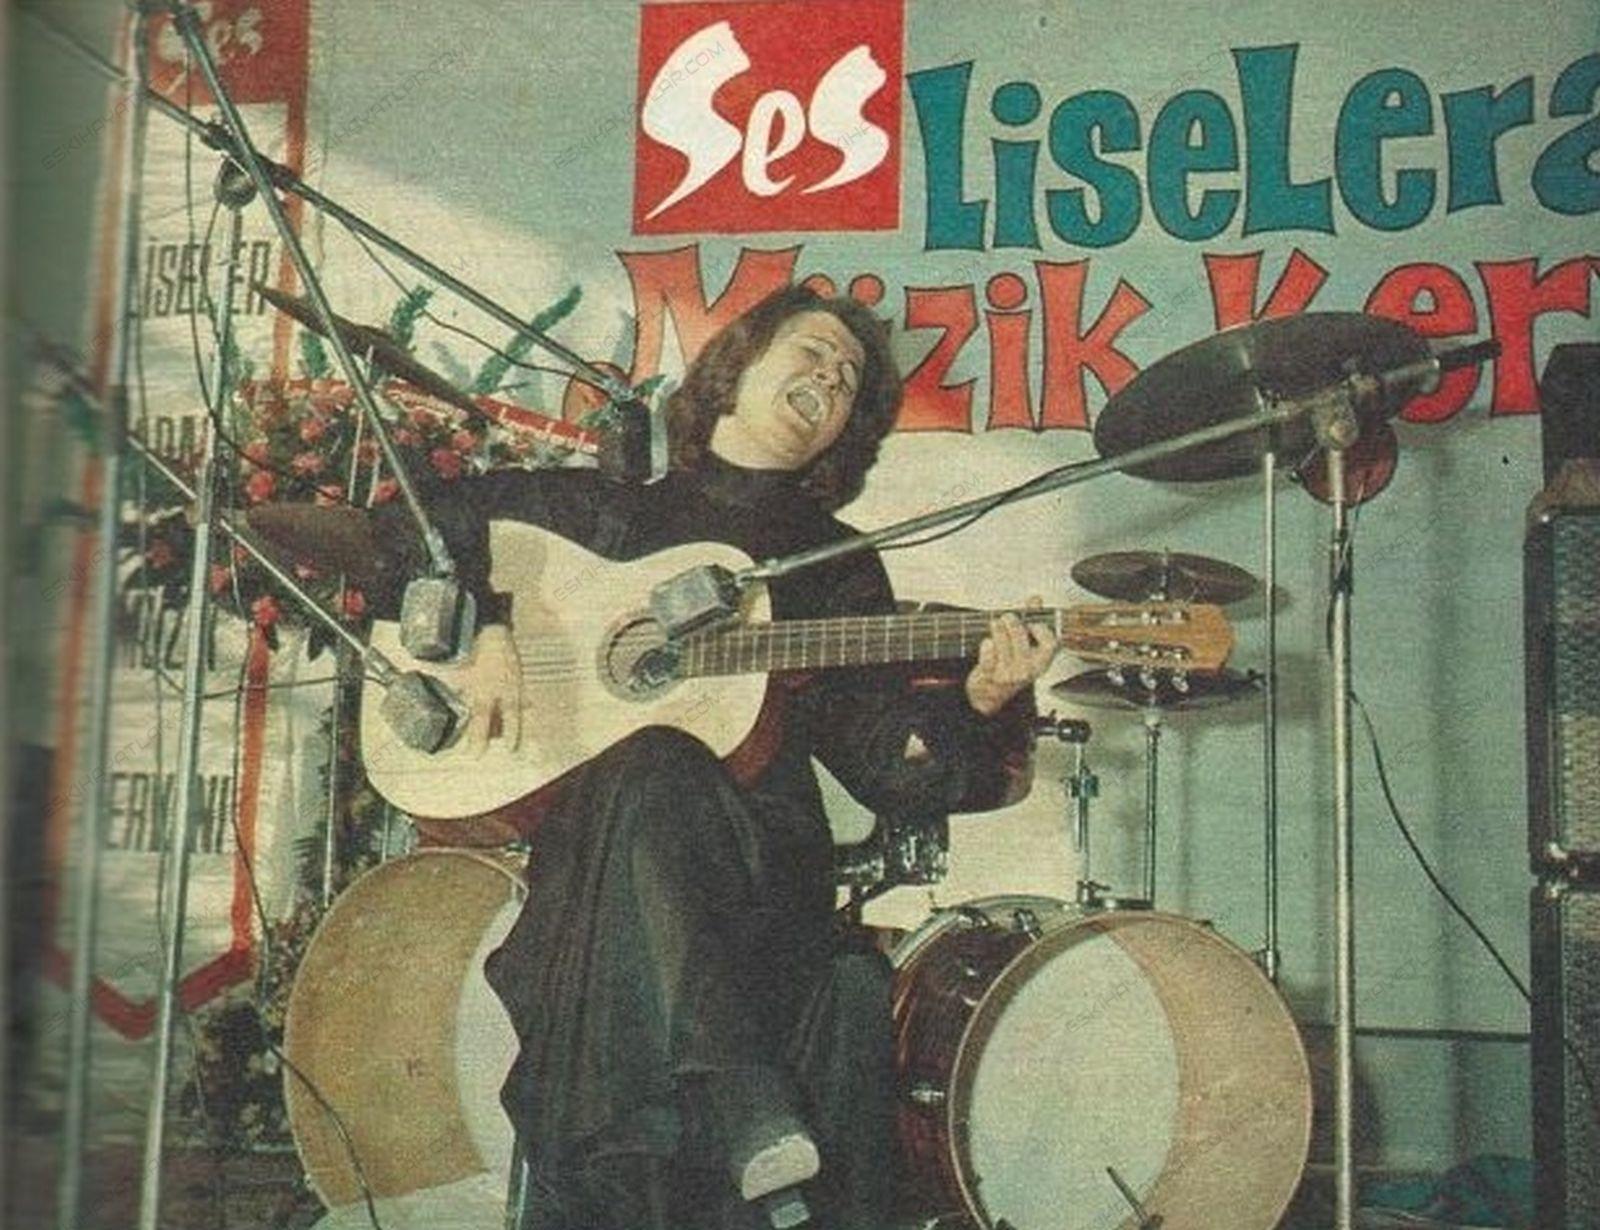 0121-liselerarasi-muzik-yarismasi-1972-ses-dergisi-cem-karaca-esin-afsar-selda-bagcan-konser-fotograflari-muzik-kervani (8)